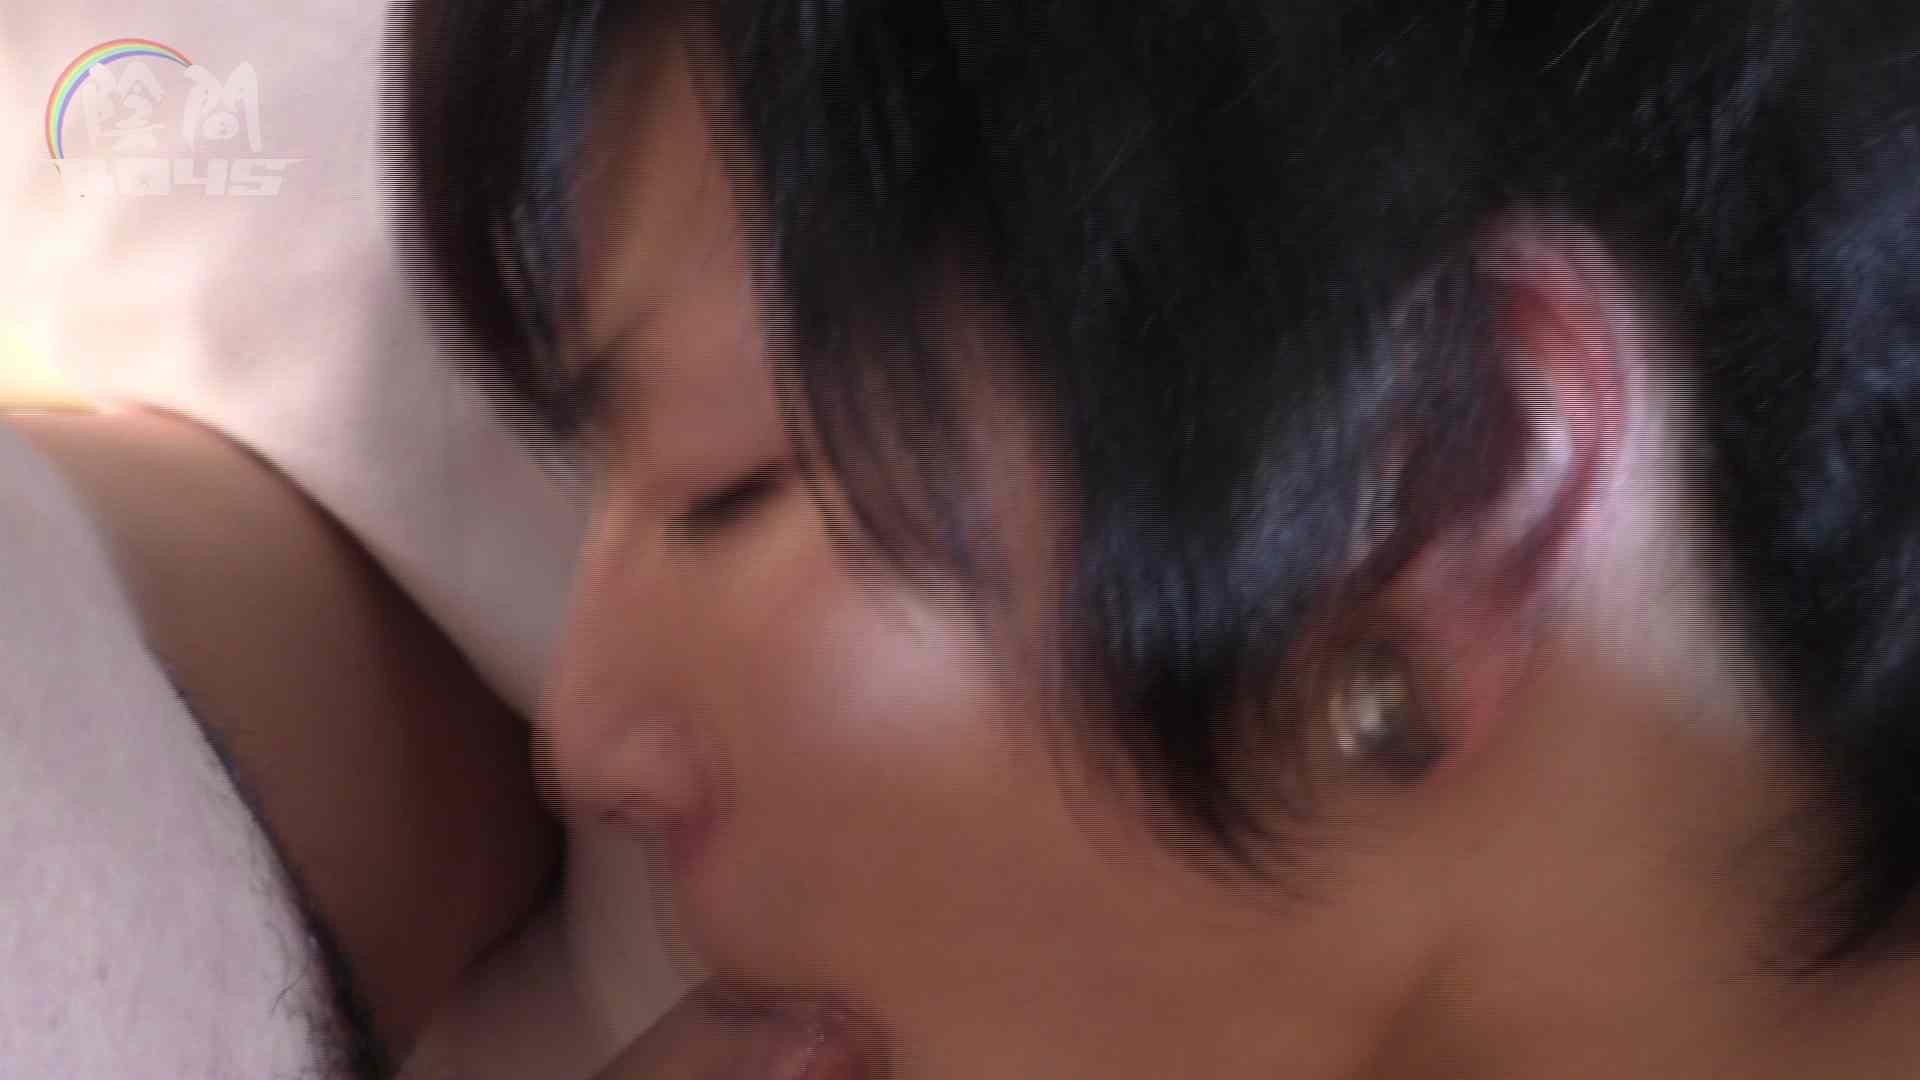 """ADのお仕事part3 part3 No.05""""アナルやばいっす"""" セックス ゲイフェラチオ画像 64枚 10"""